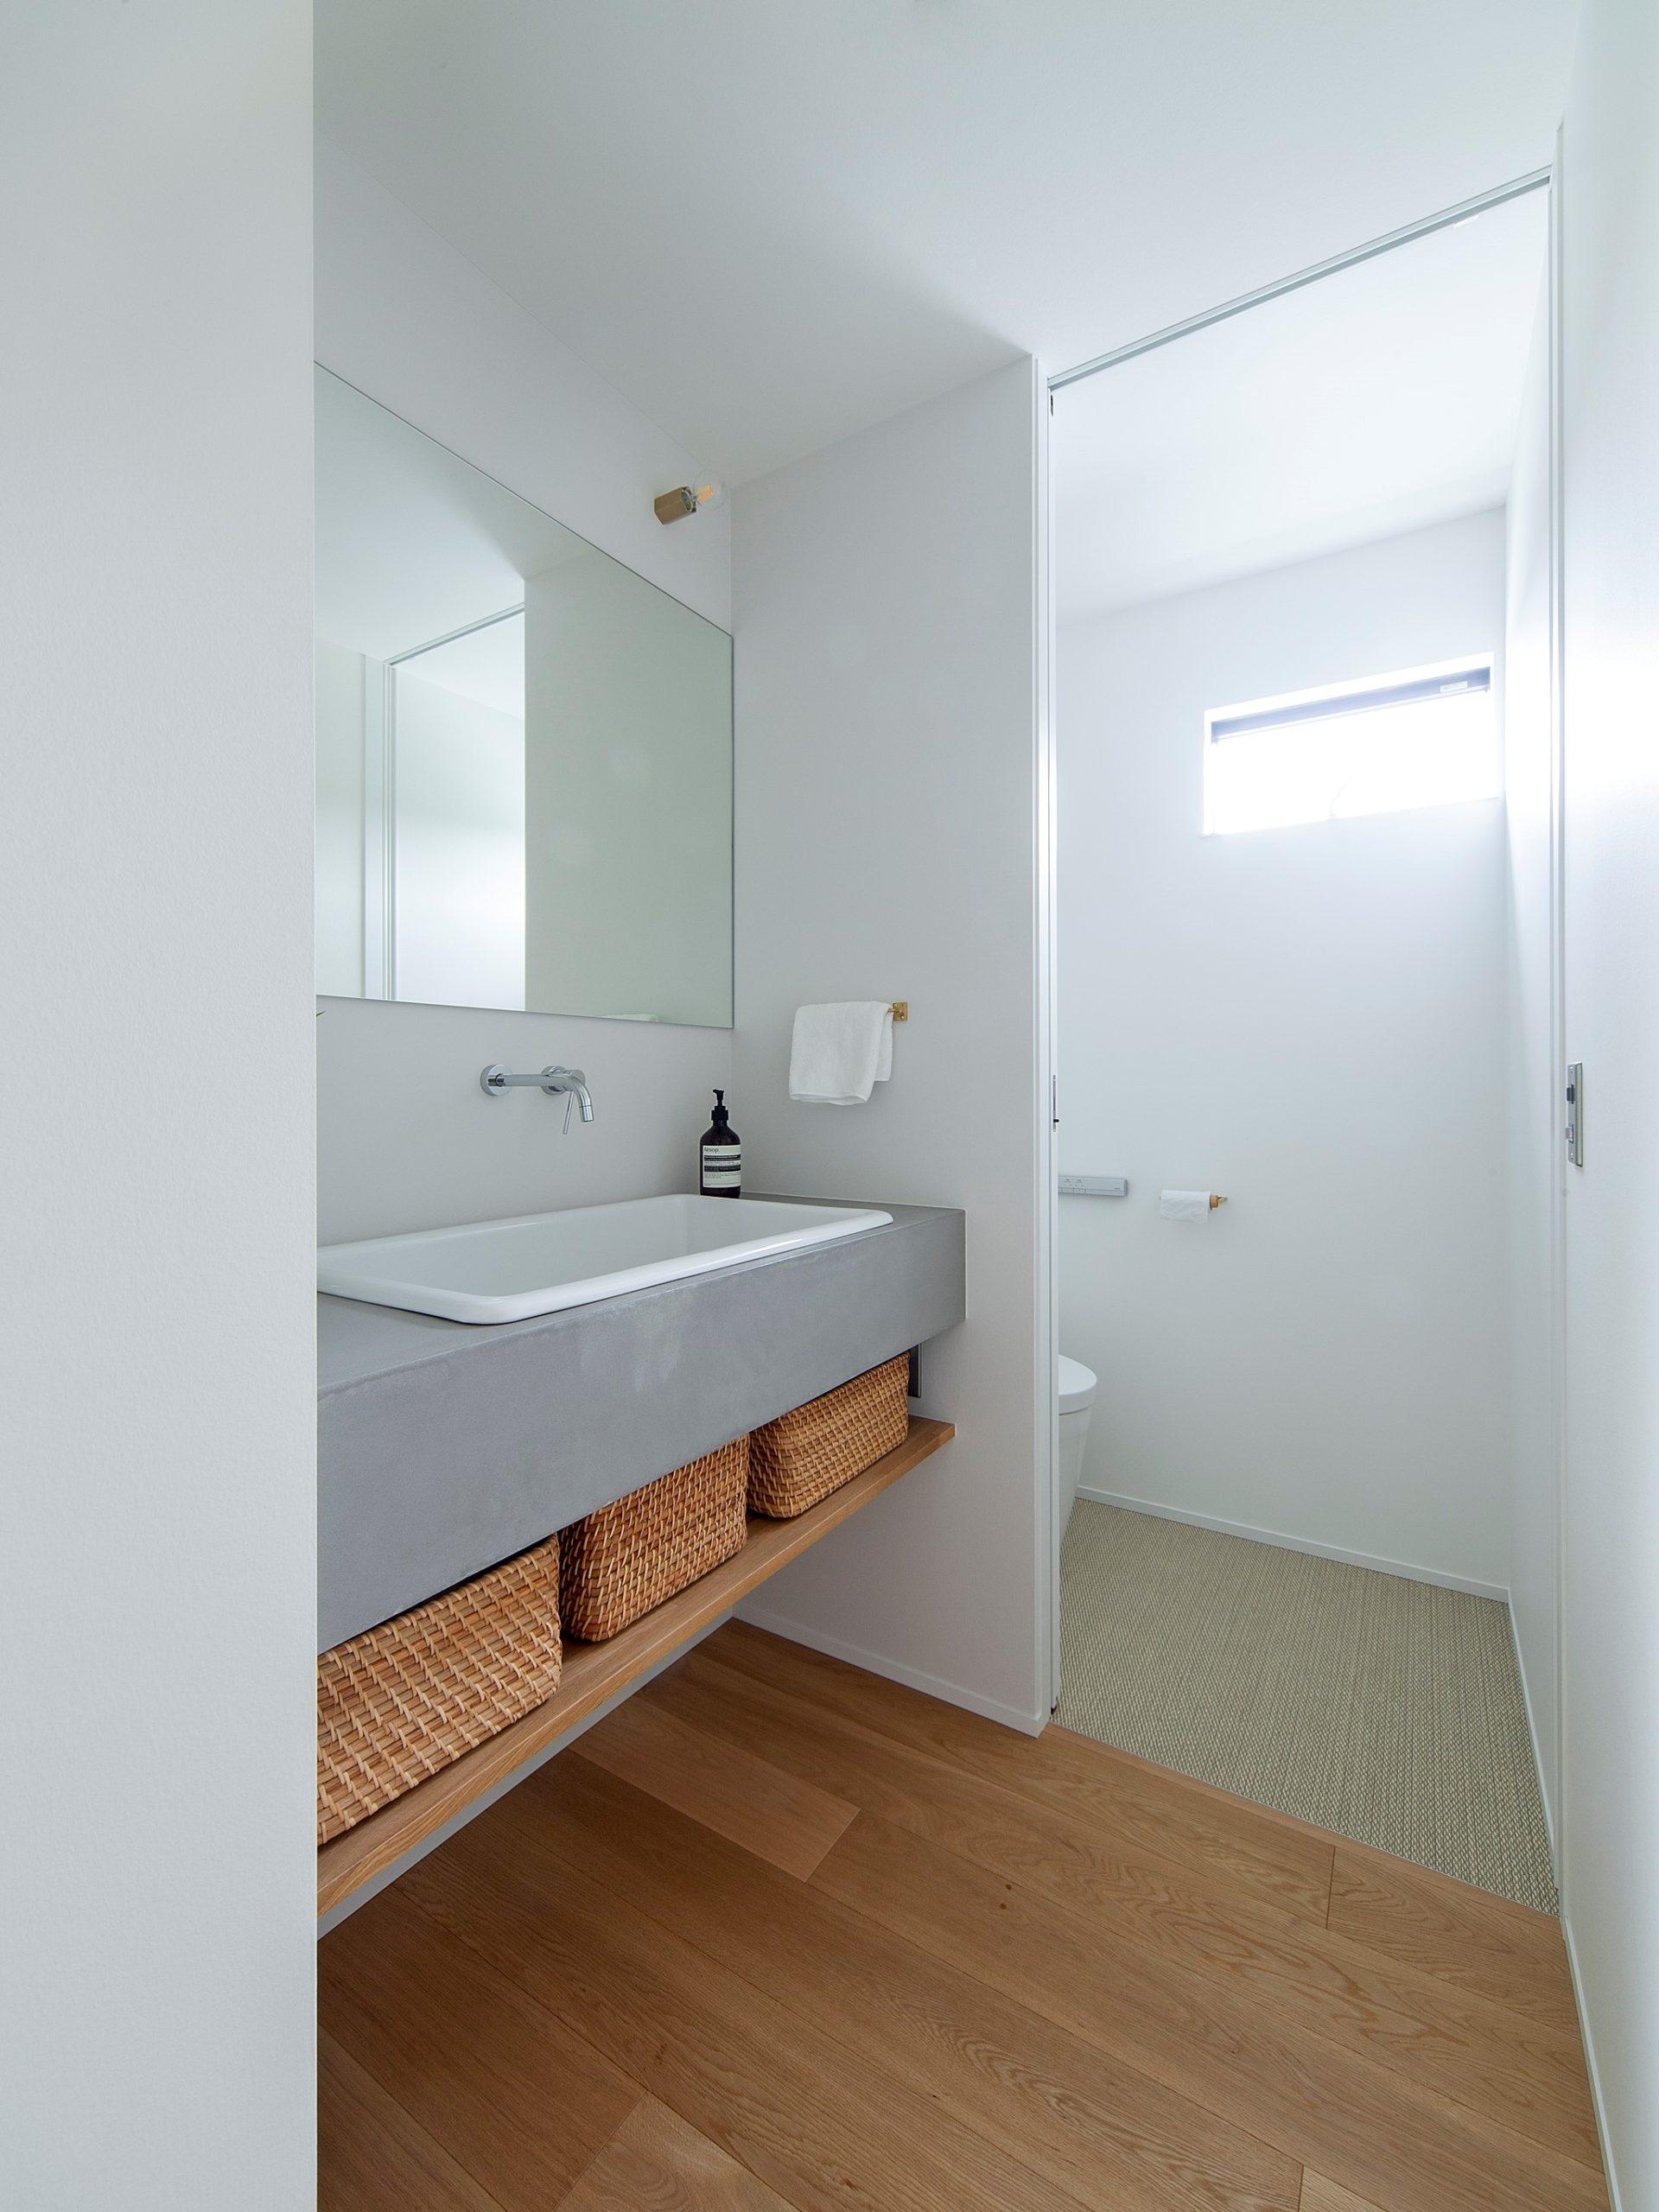 モルタル風塗料のモールテックスを使用した洗面所